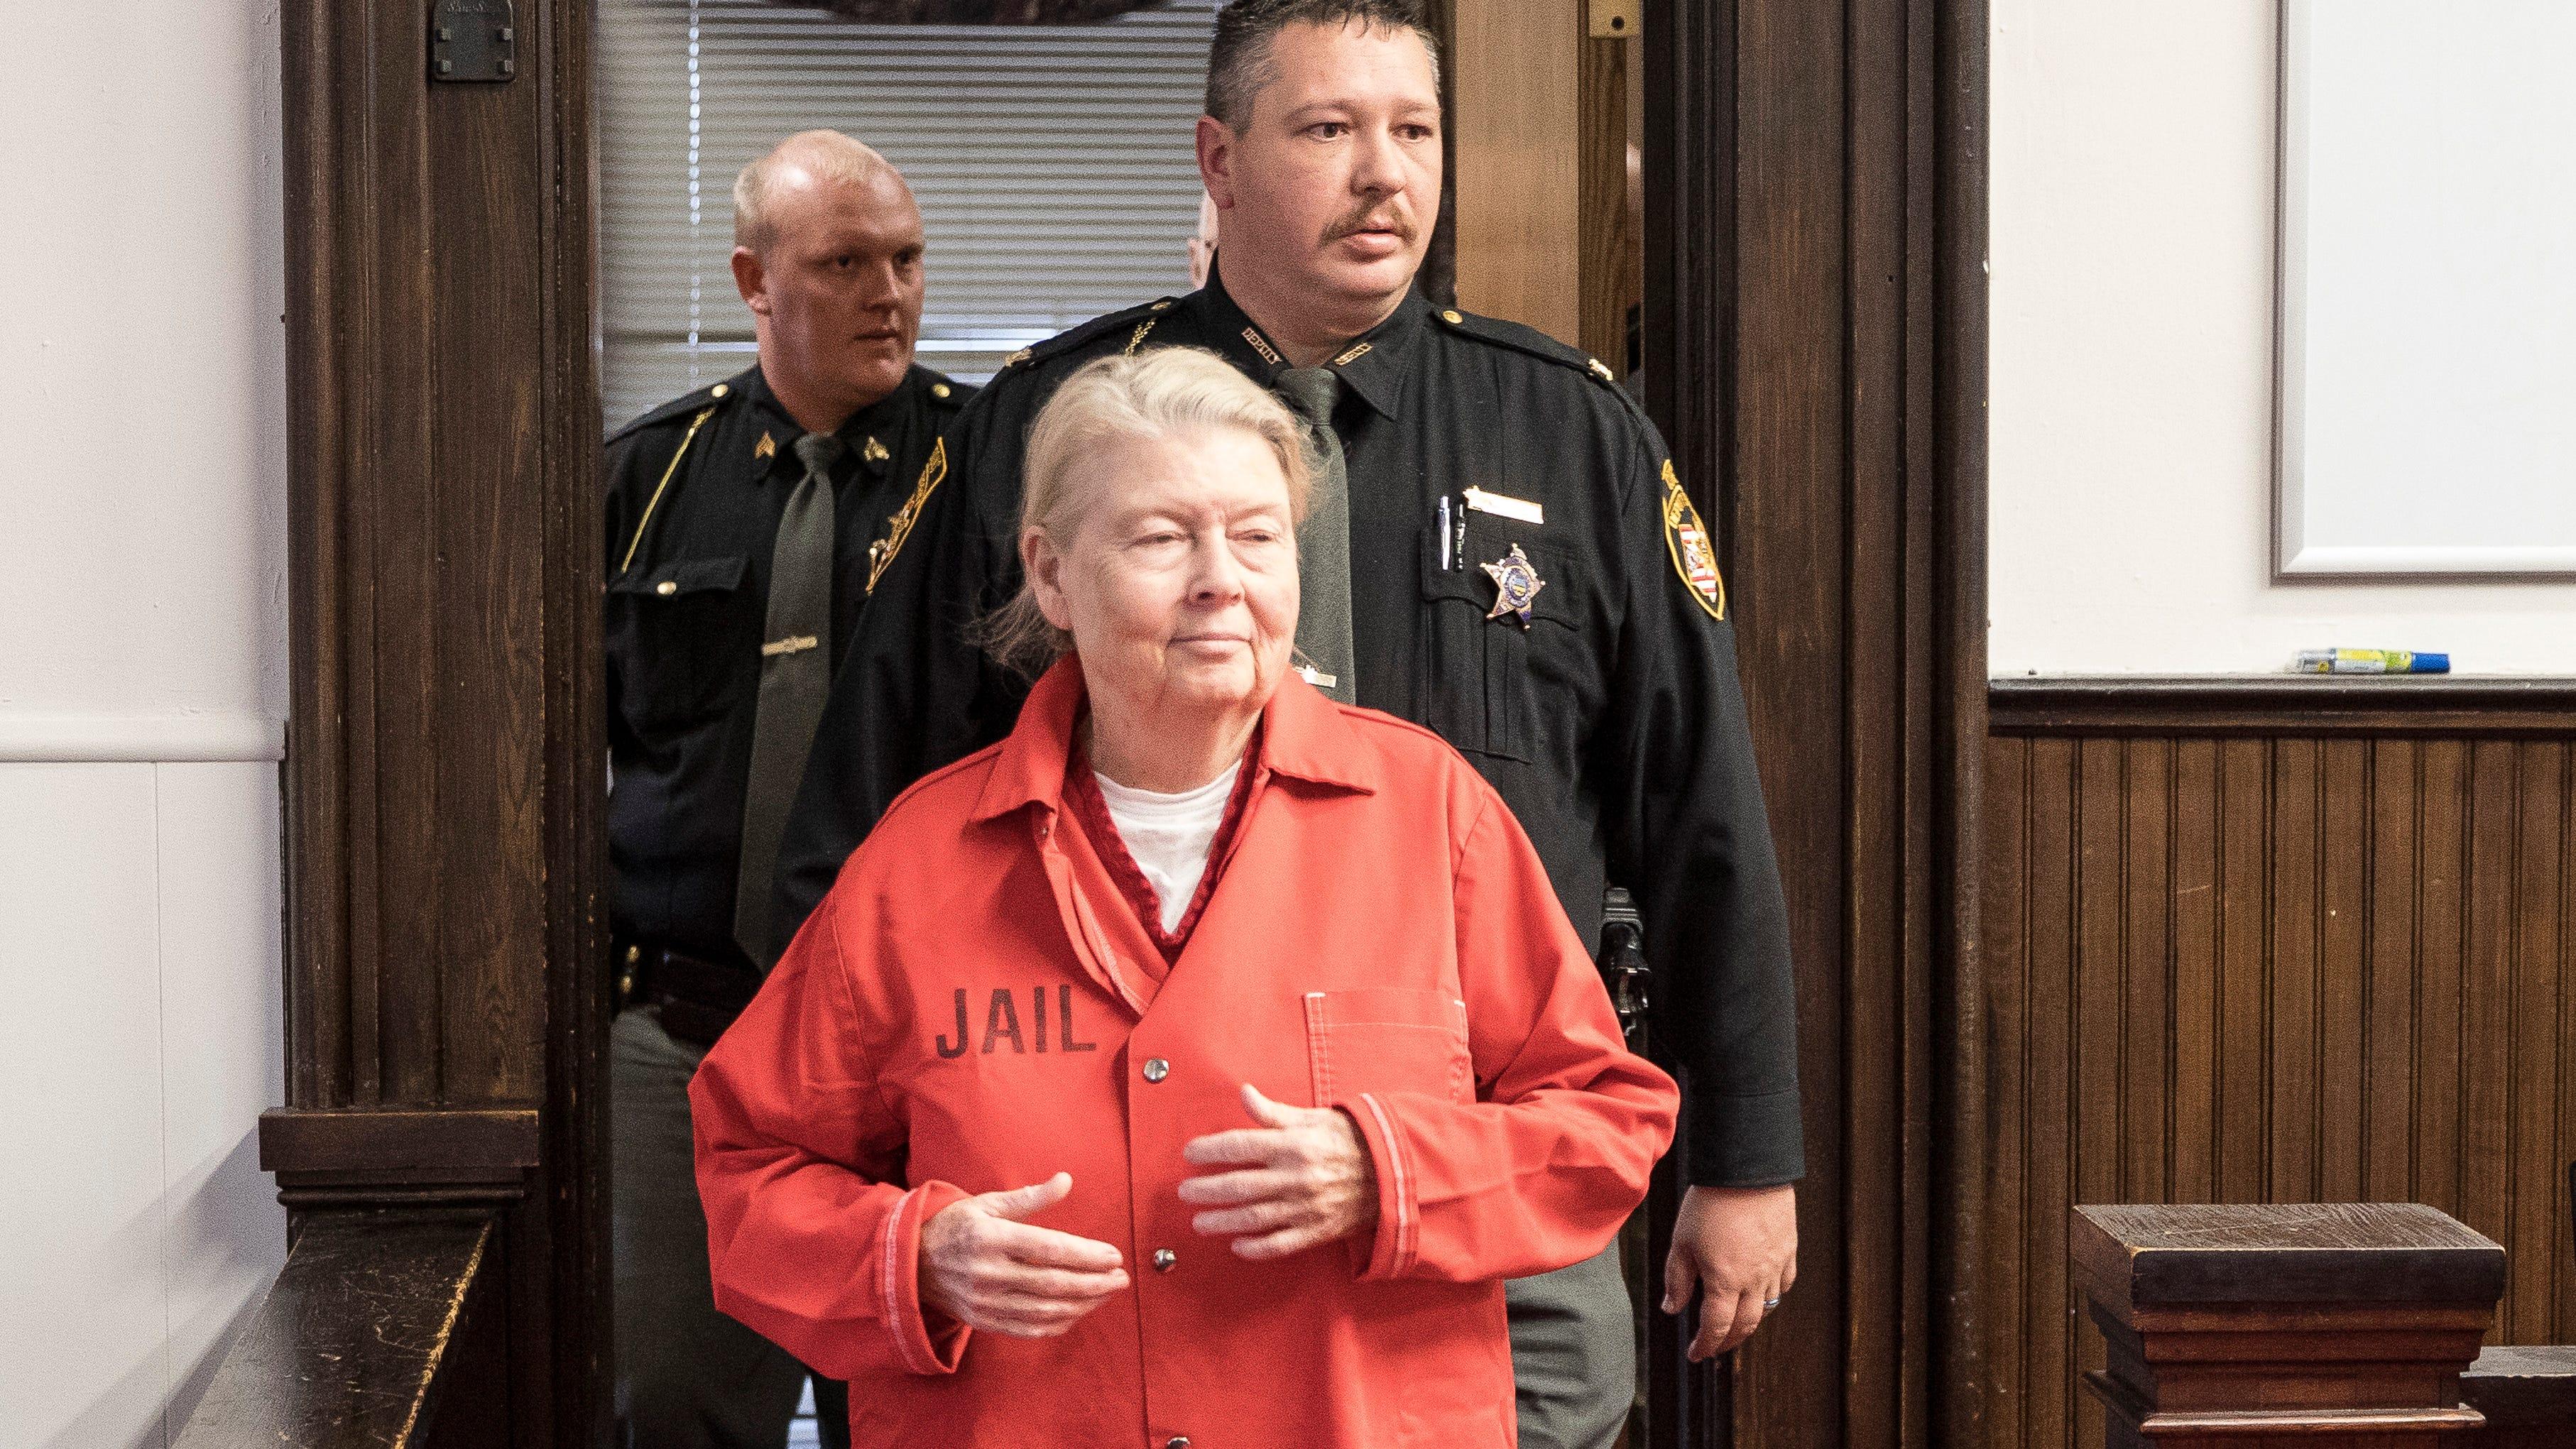 Rhoden family massacre: Prosecutor alleges Fredericka Wagner plotted revenge